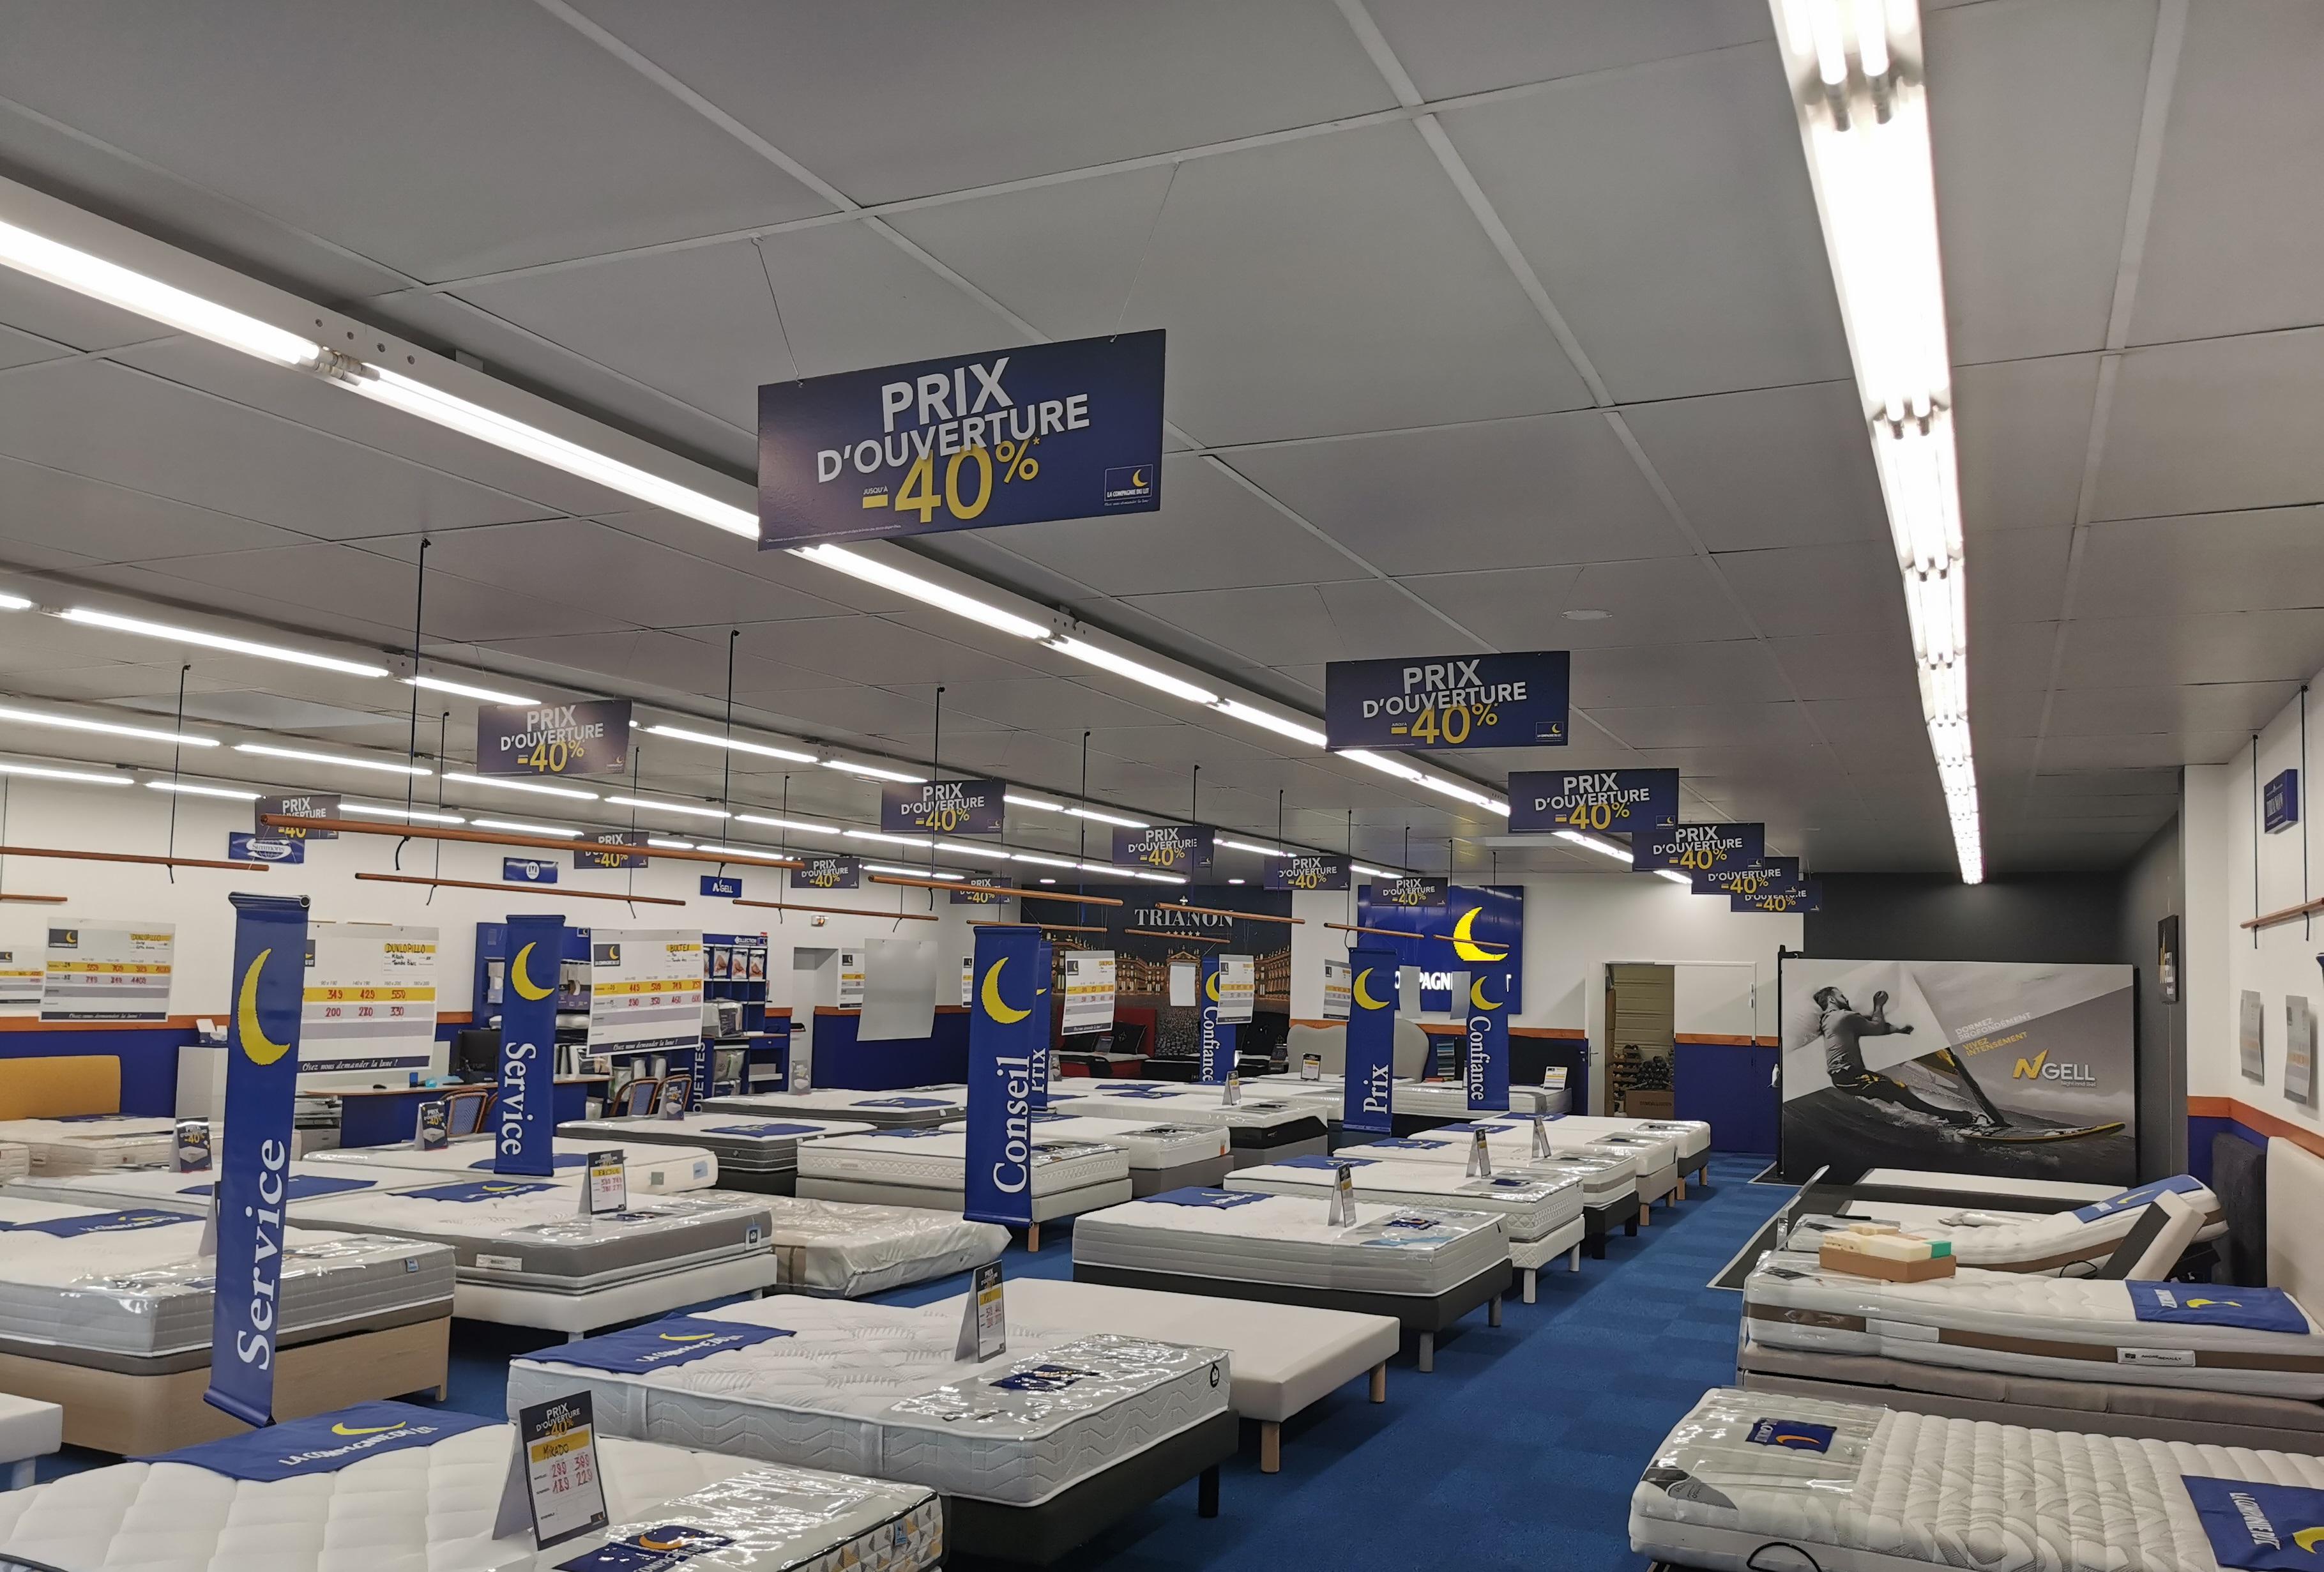 Les bons plans en cours dans votre magasin La Compagnie du Lit Pau / Lescar 3